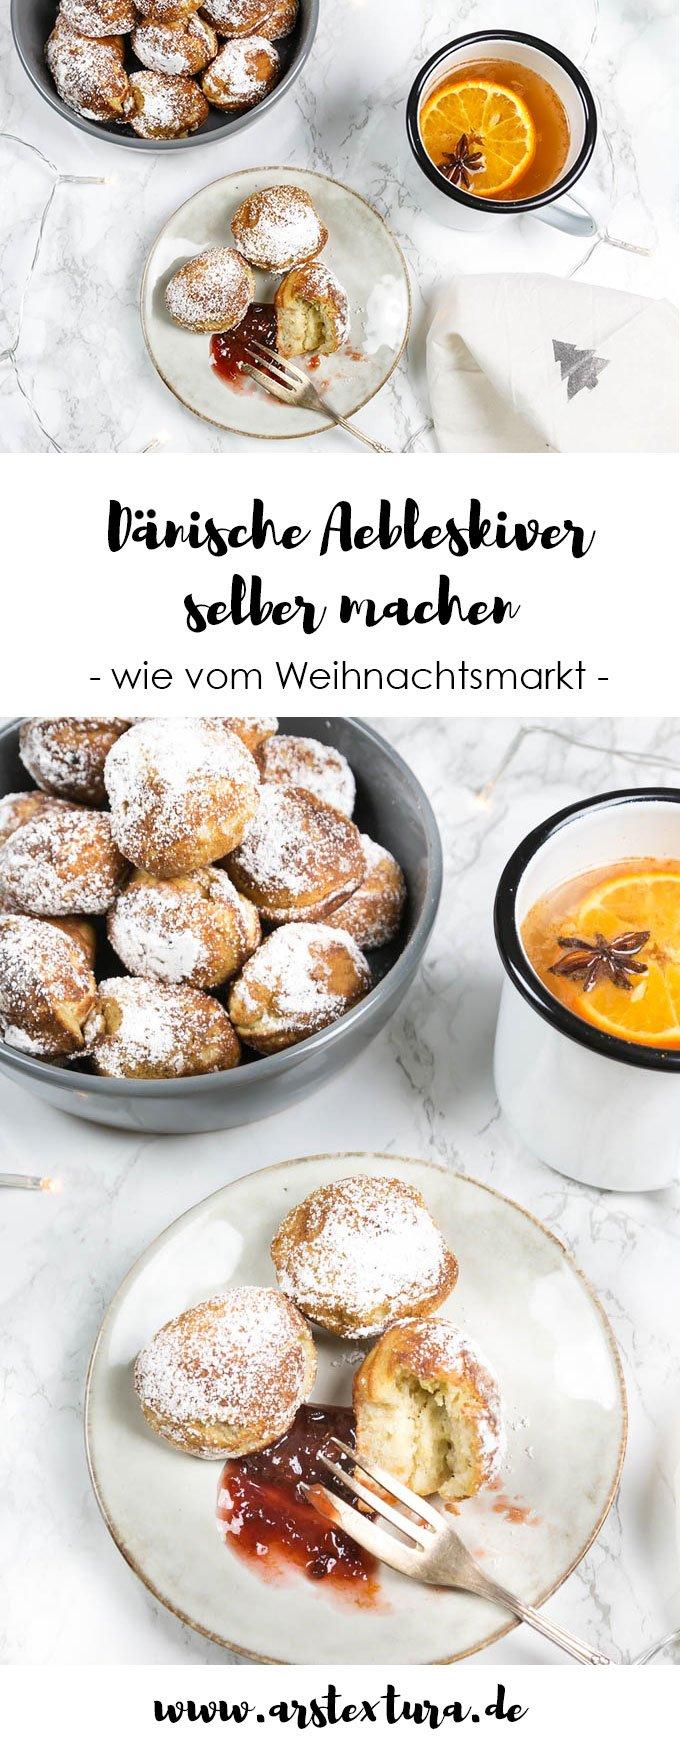 Rezept für dänische Aebleskiver wie vom Weihnachtsmarkt - perfekt für einen weihnachtlichen Hygge Tag mit der ganze Familie | #hygge #weihnachtsrezept # weihnachten